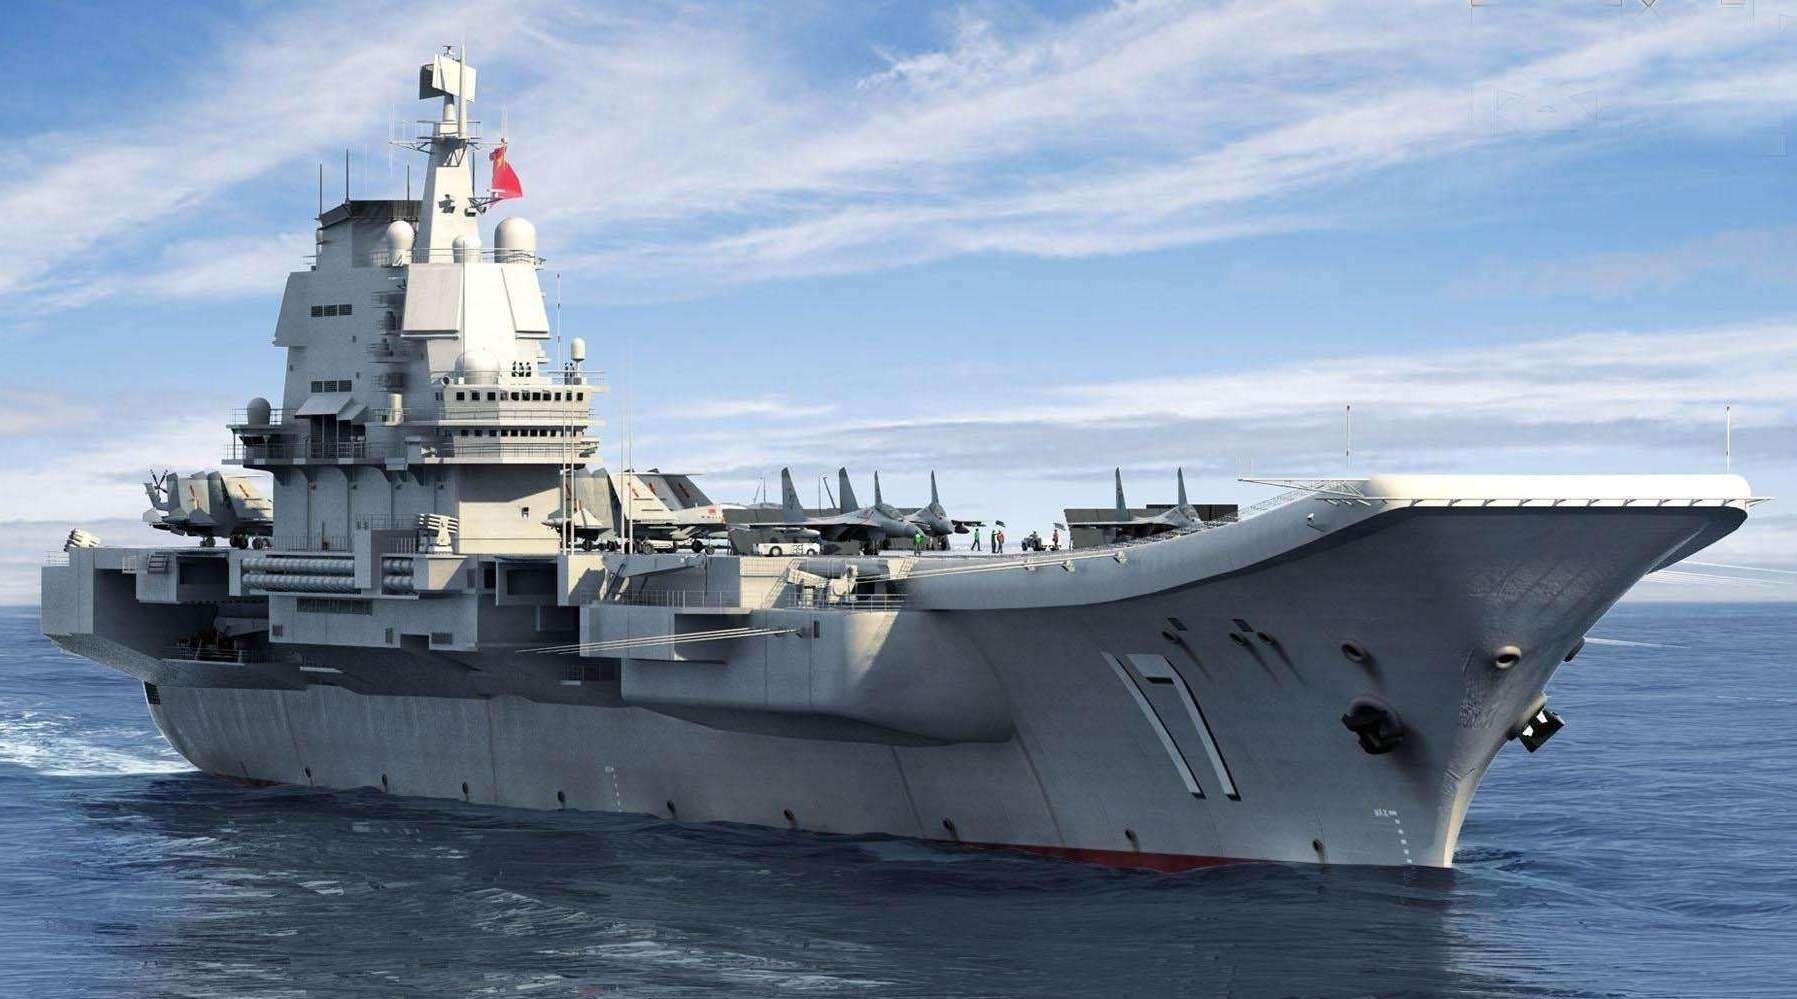 全球仅3国能生产,中国曾向俄罗斯求购被拒,山东舰全部实现国产